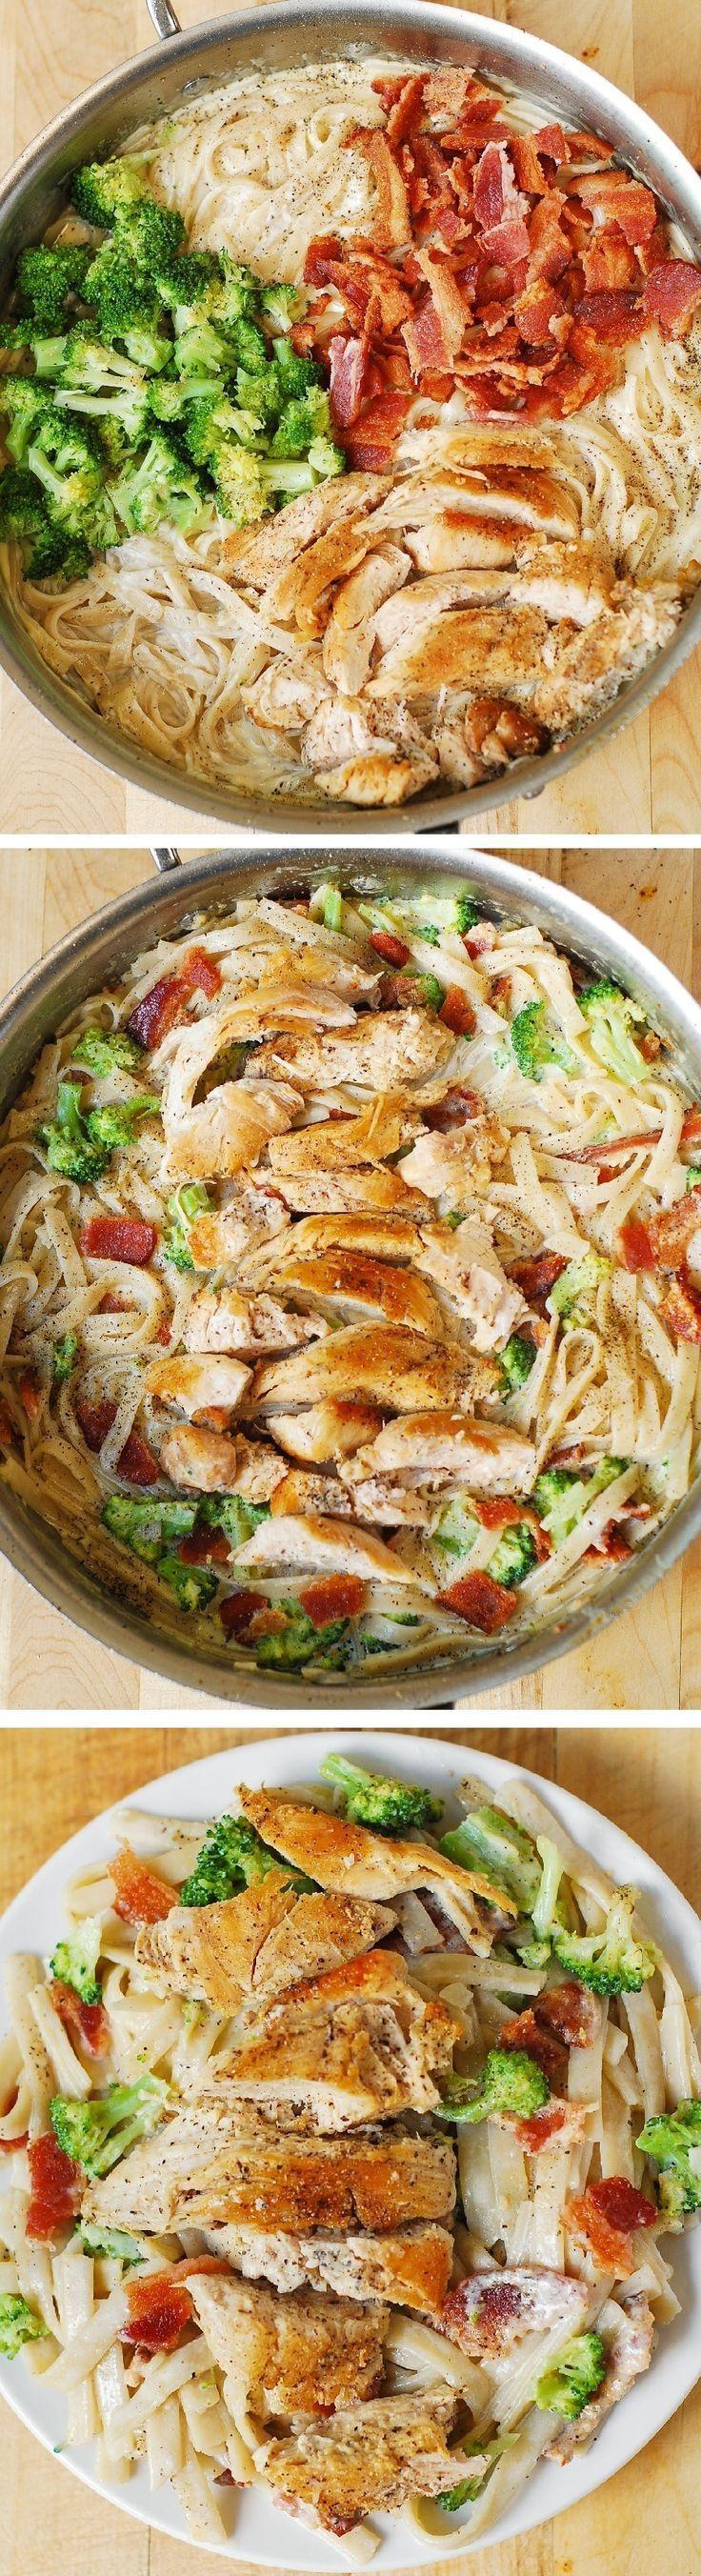 Creamy Broccoli, Chicken Breast, And Bacon Fettuccine -6014